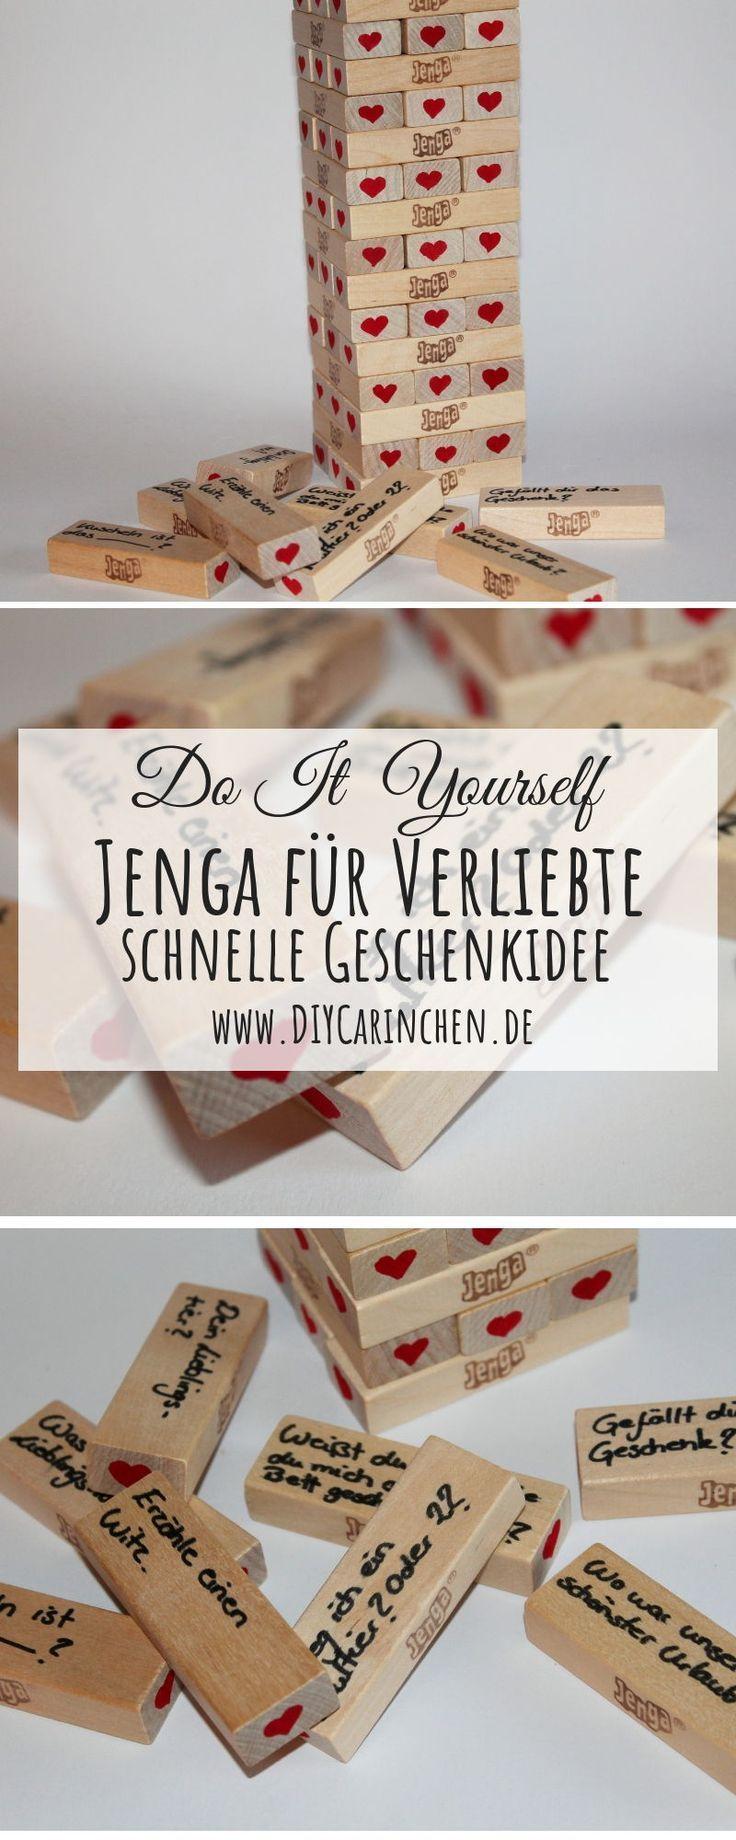 DIY Jenga Spiel für Verliebte ganz einfach selber machen - perfekte Geschenkide... DIY Jenga Spiel für Verliebte ganz einfach selber machen - perfekte Geschenkide... -  -